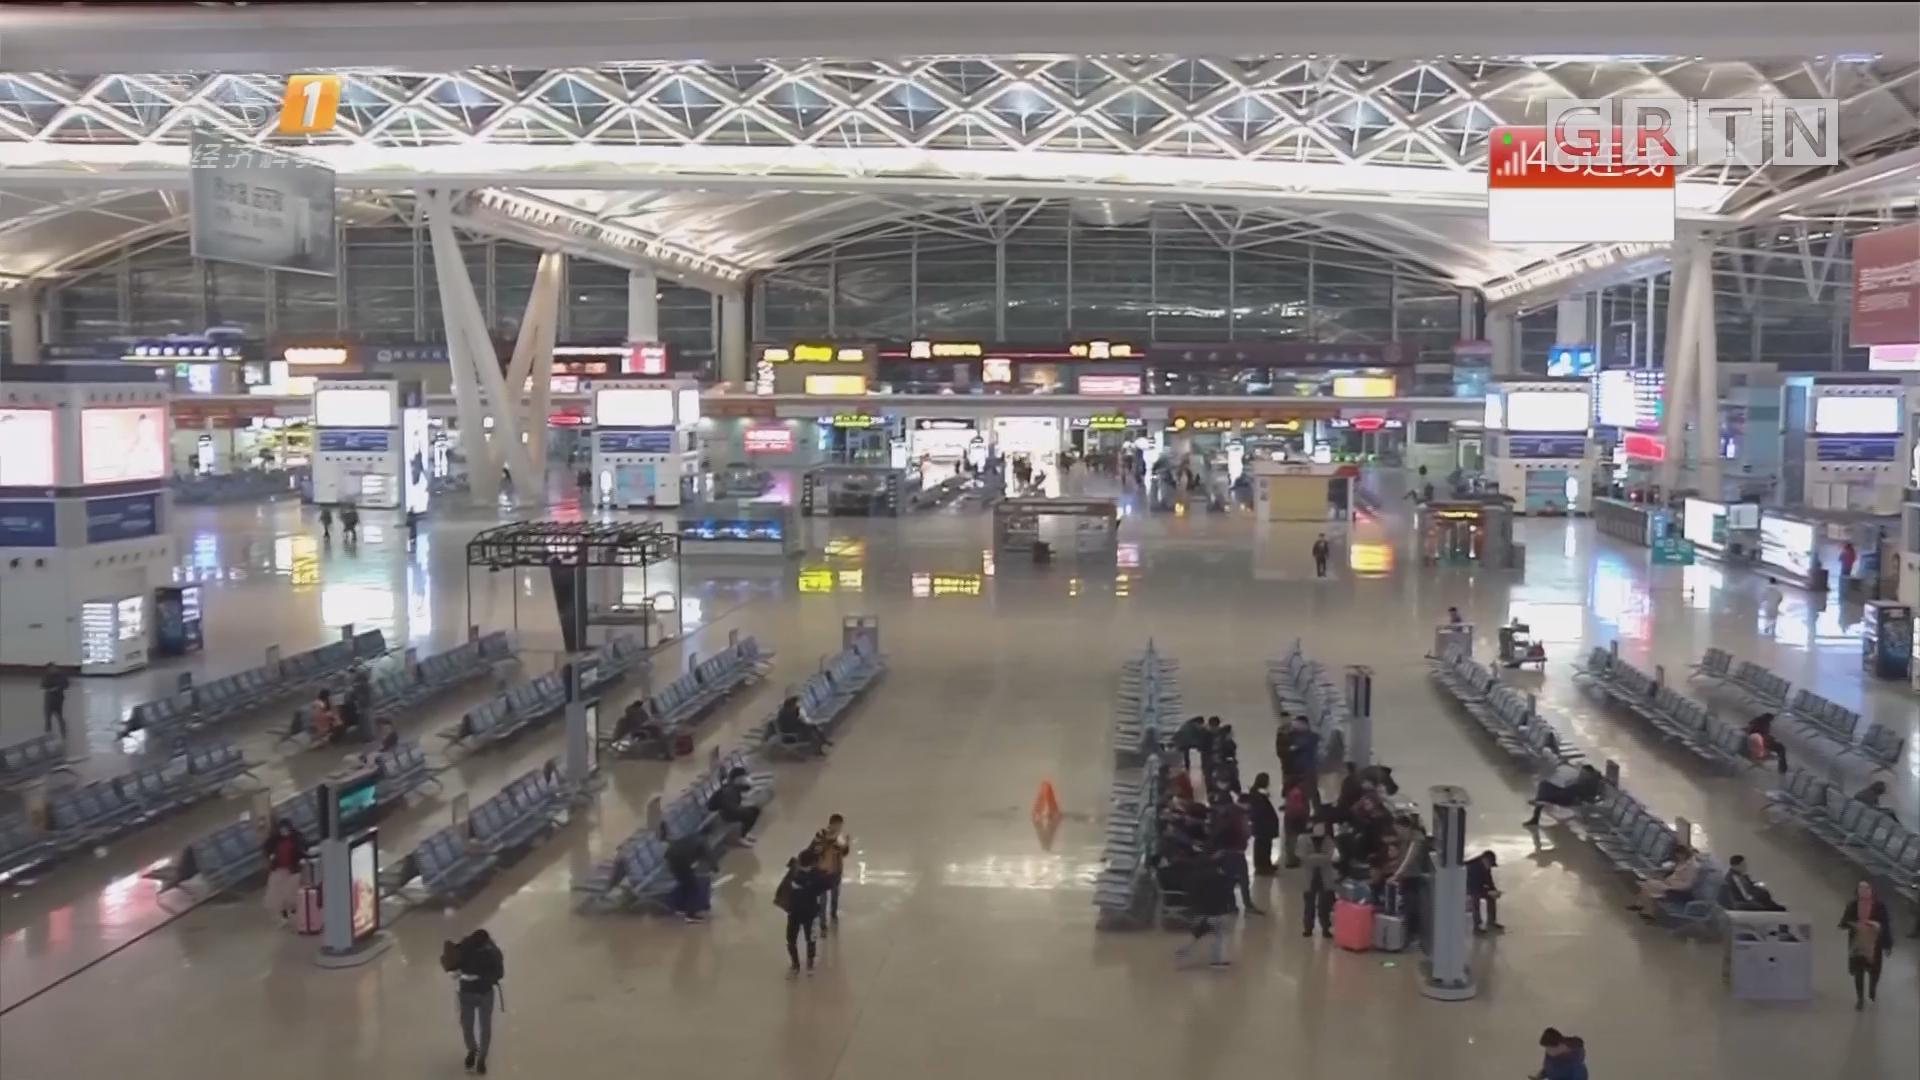 春运首日:卫星连线广州南站 春运客流全国第一 年廿八迎峰值